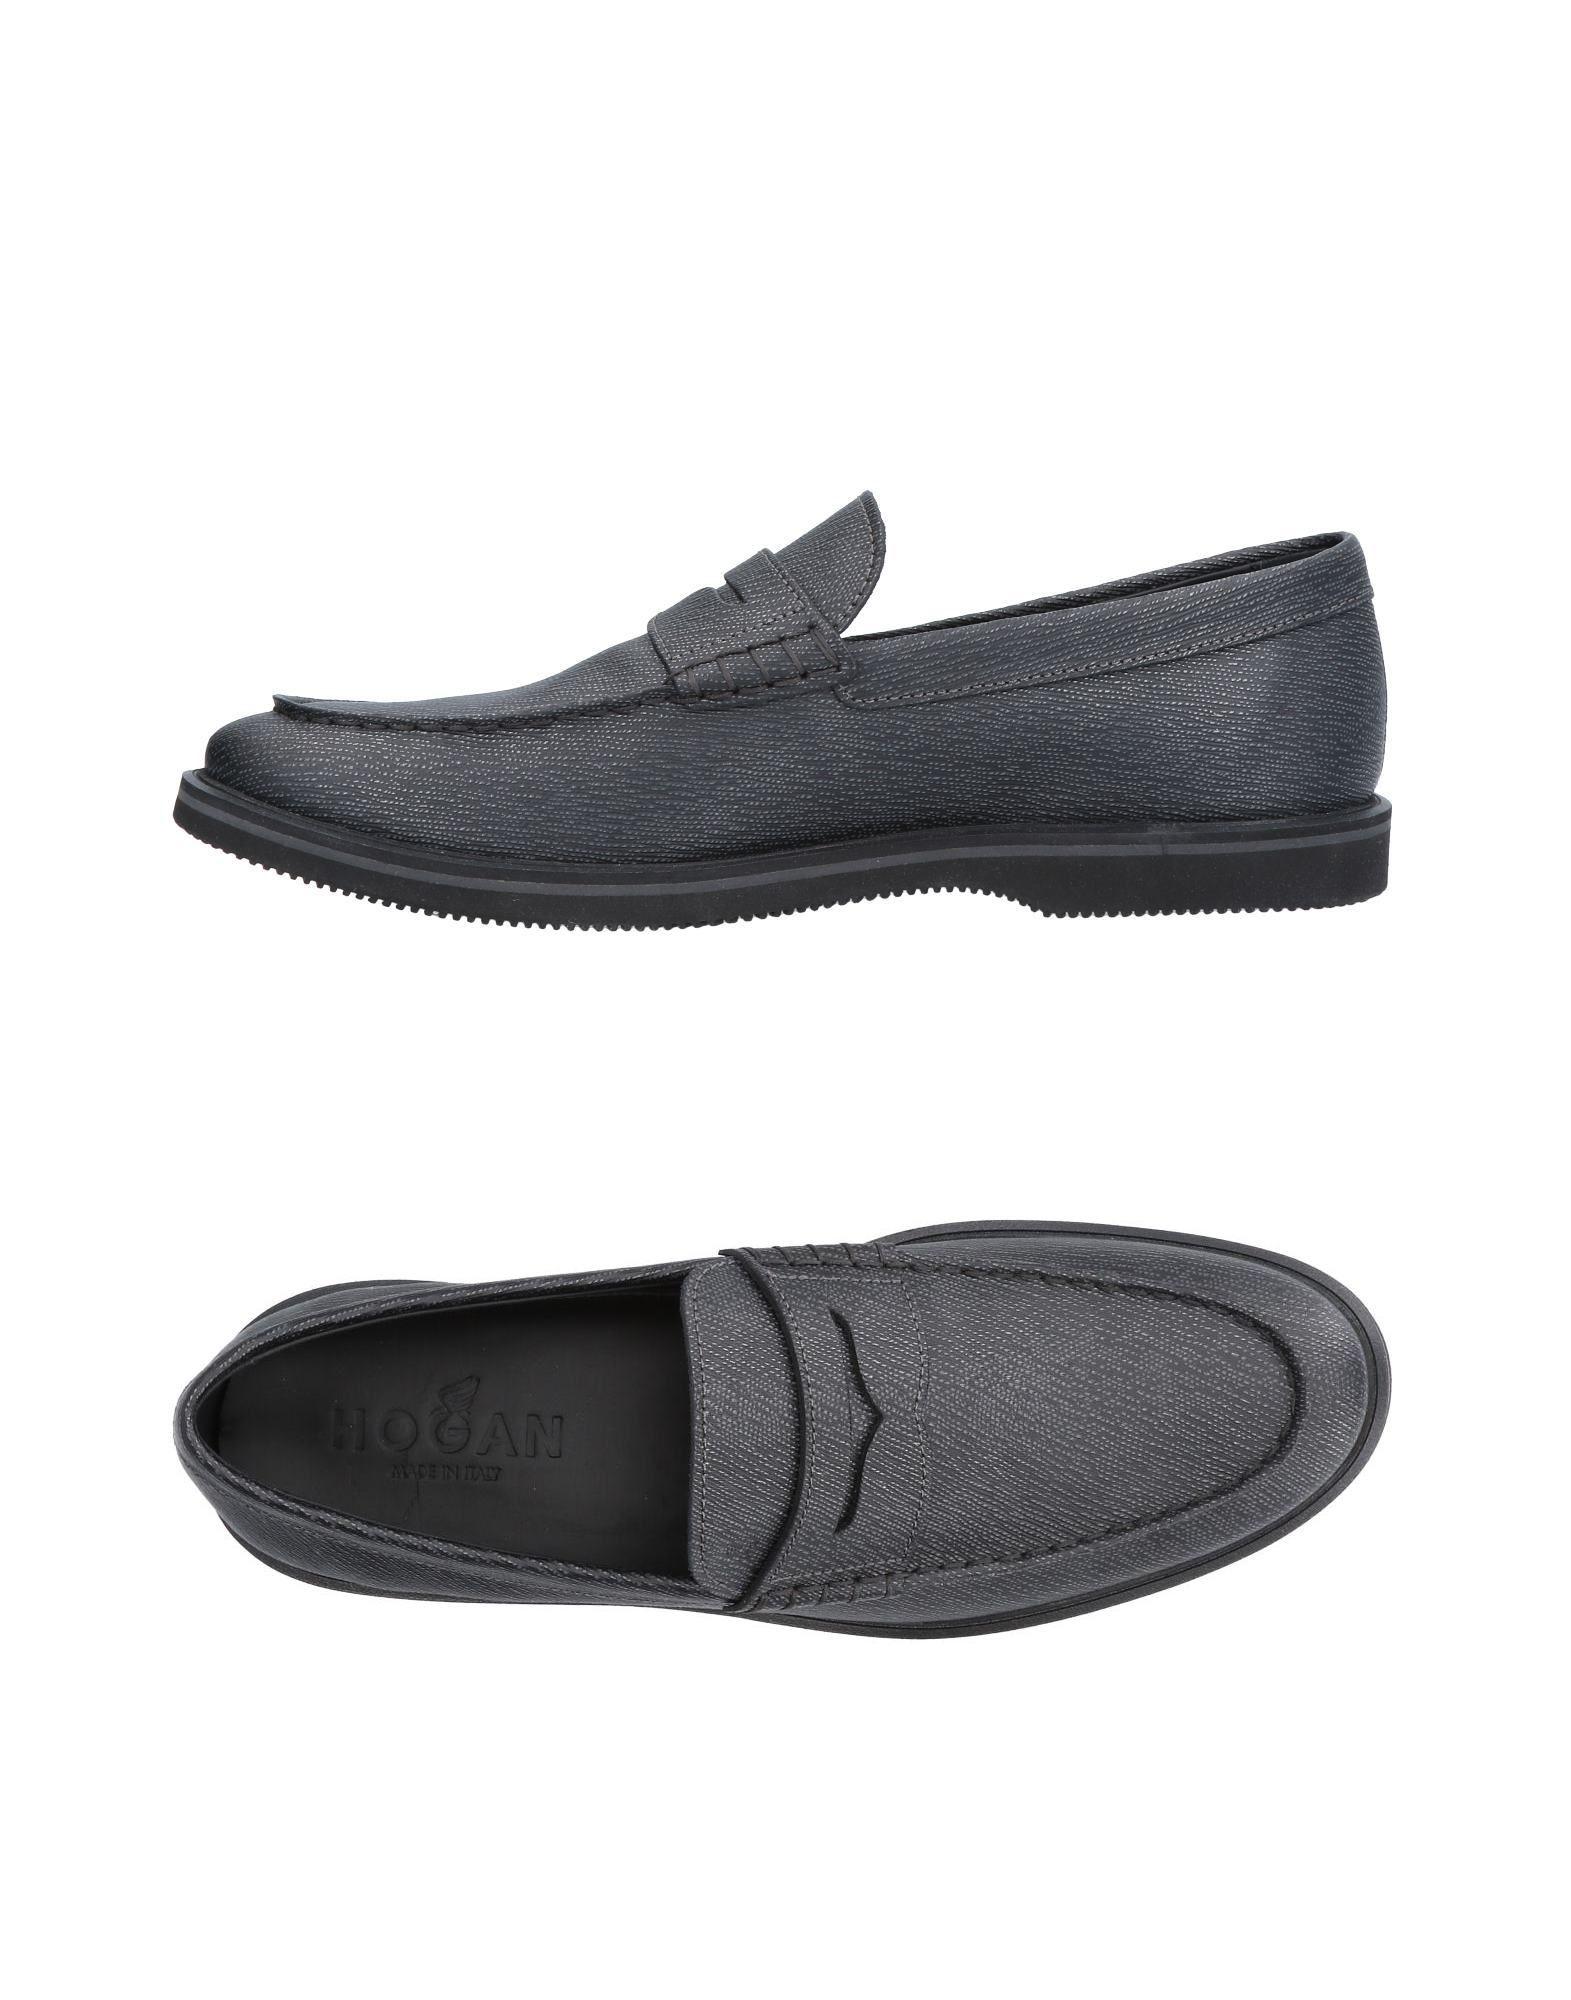 Hogan Mokassins Herren  11483669QB Gute Qualität beliebte Schuhe